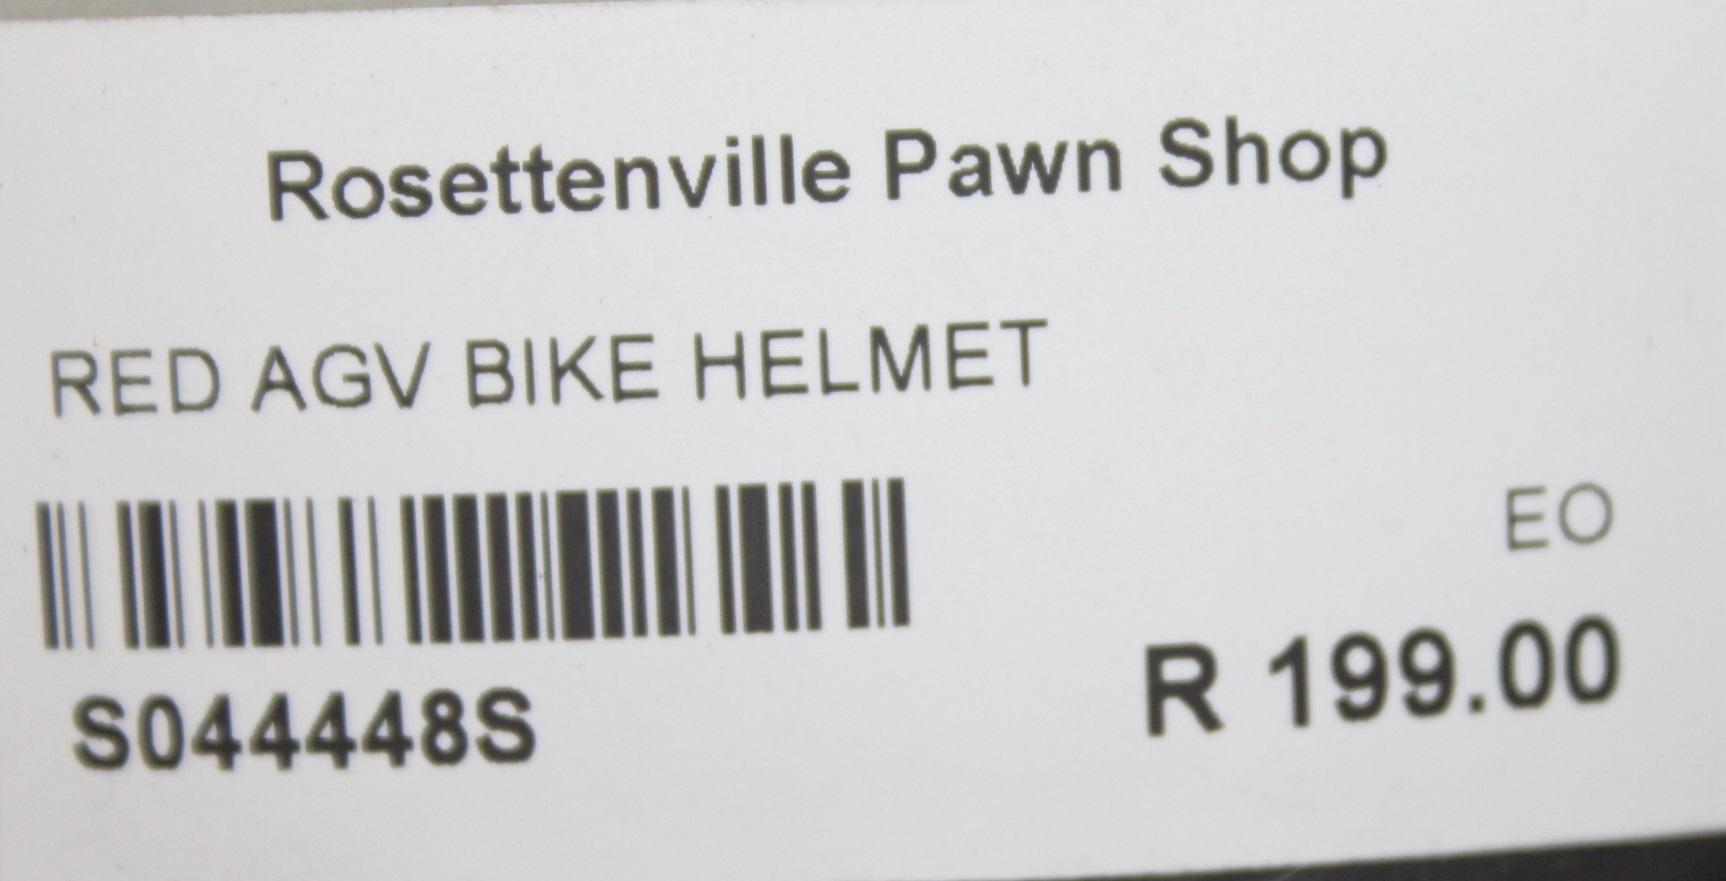 RED AGV BIKE HELMET S044448S #Rosettenvillepawnshop